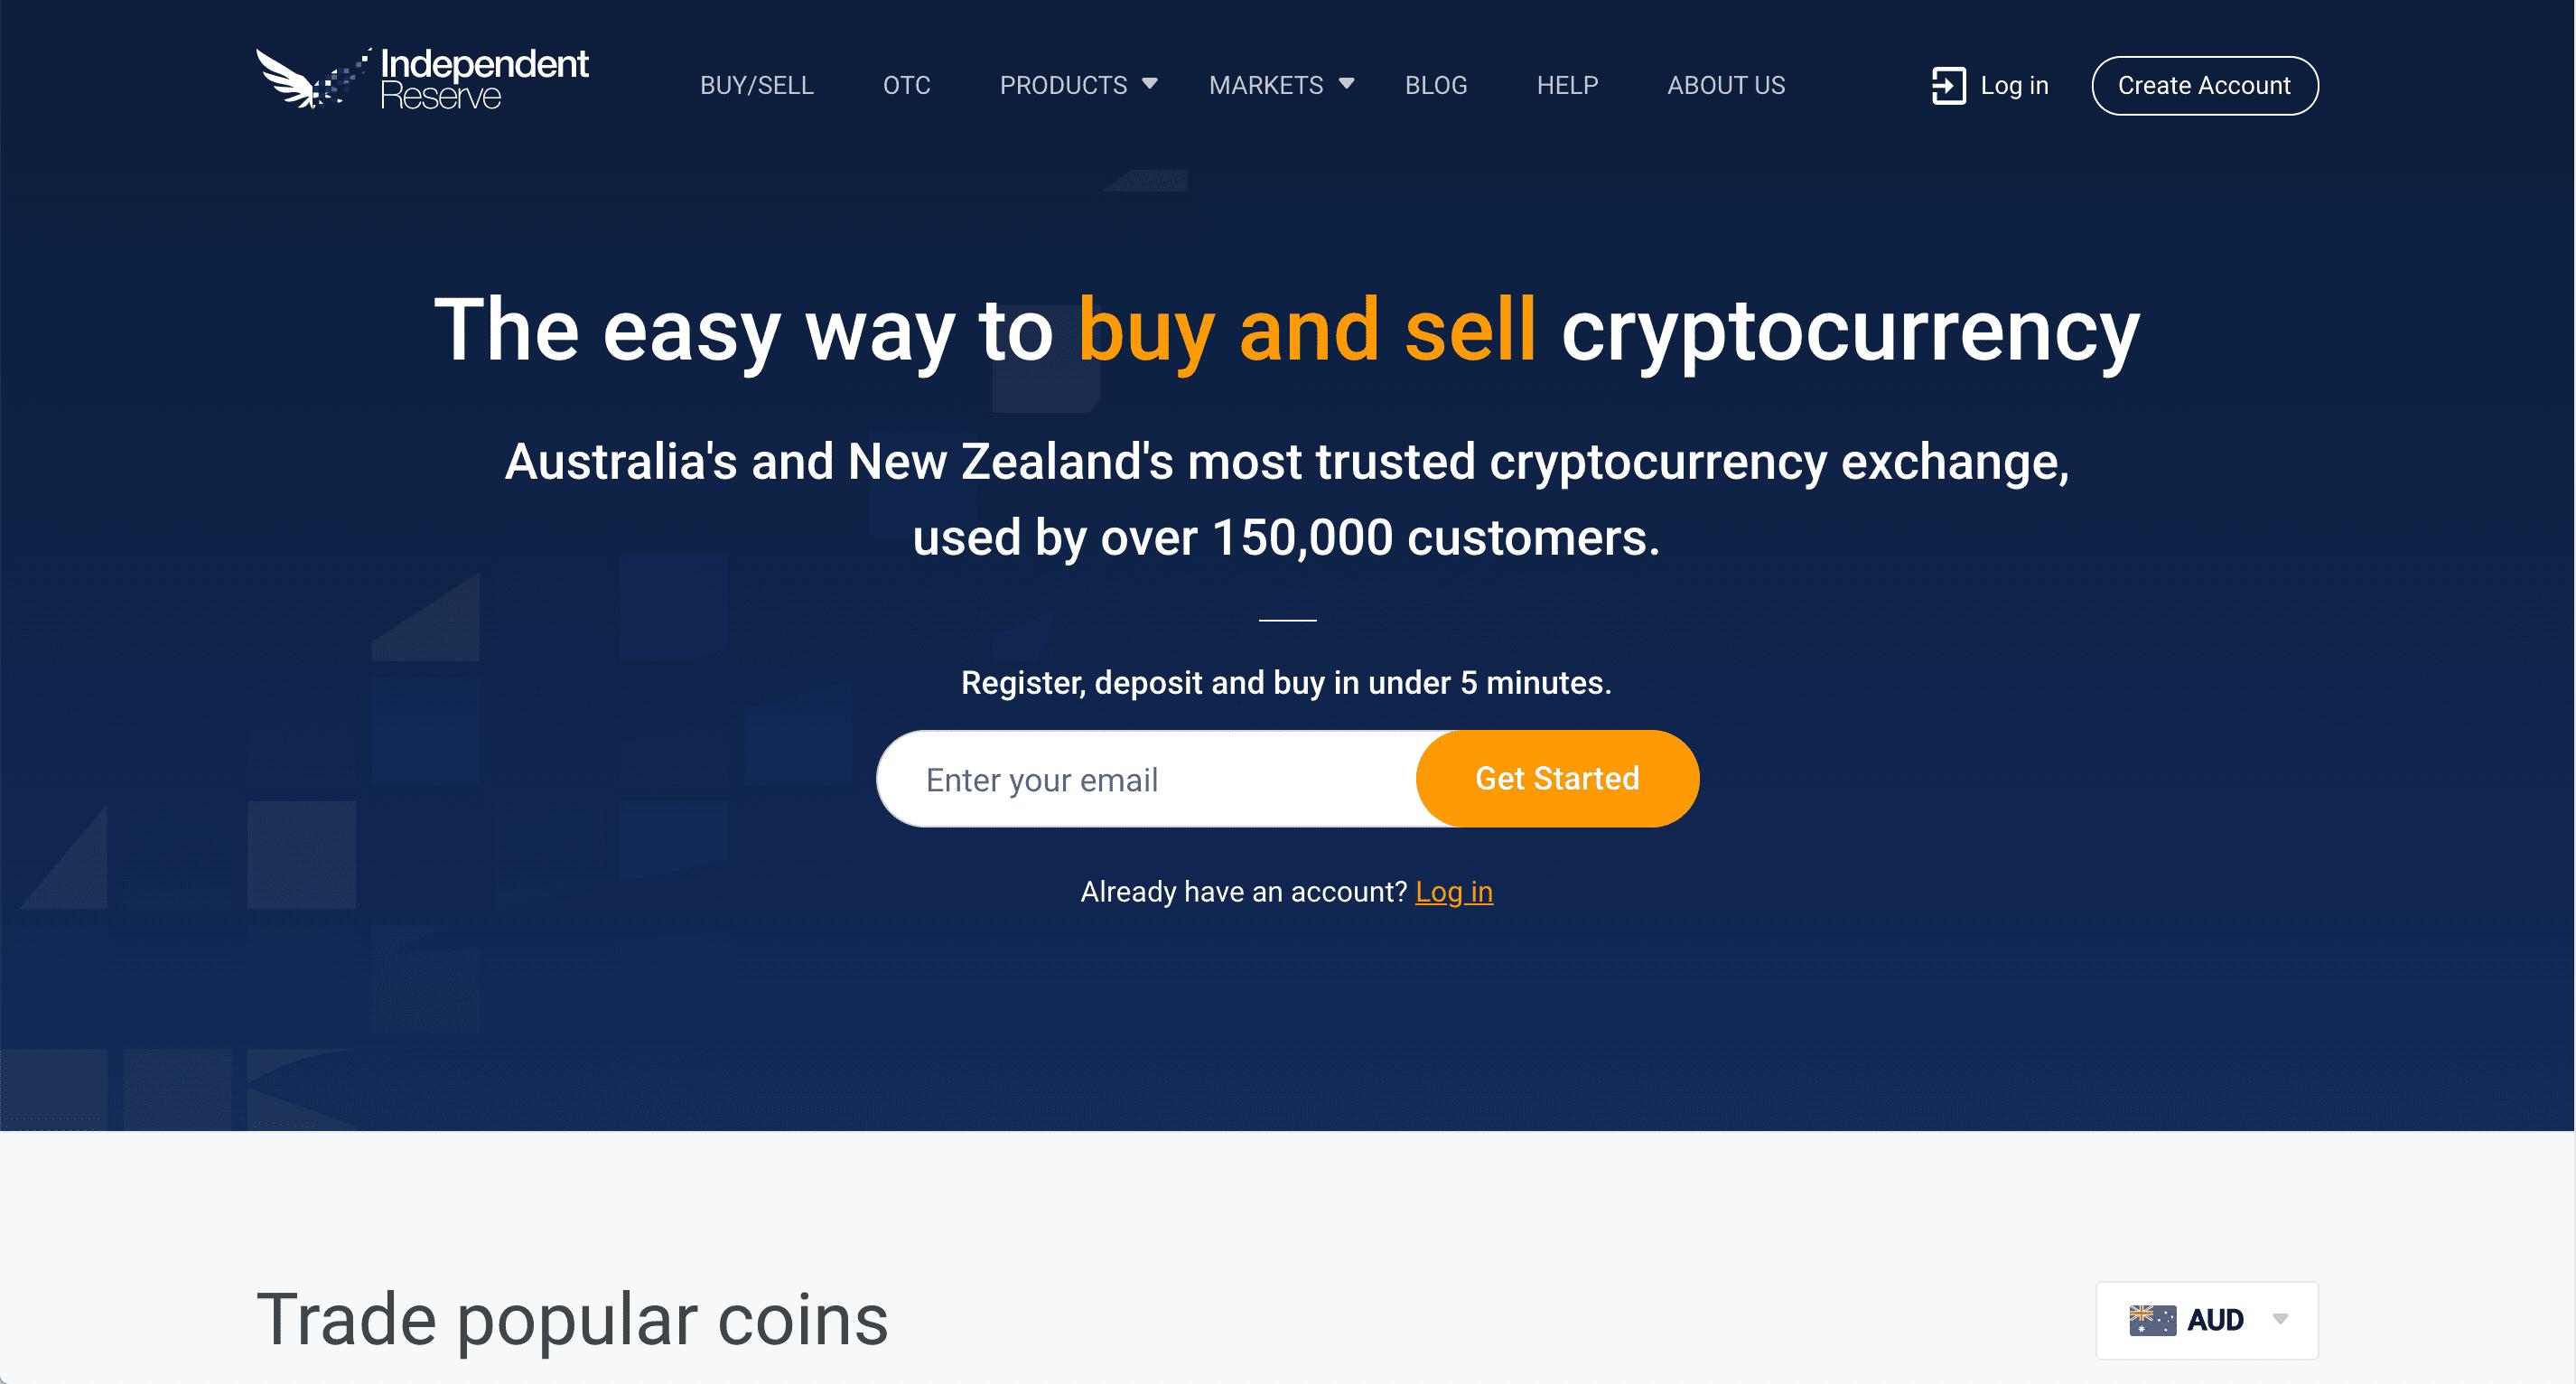 Independent Reserve - New Zealand Cryptocurrency Exchange